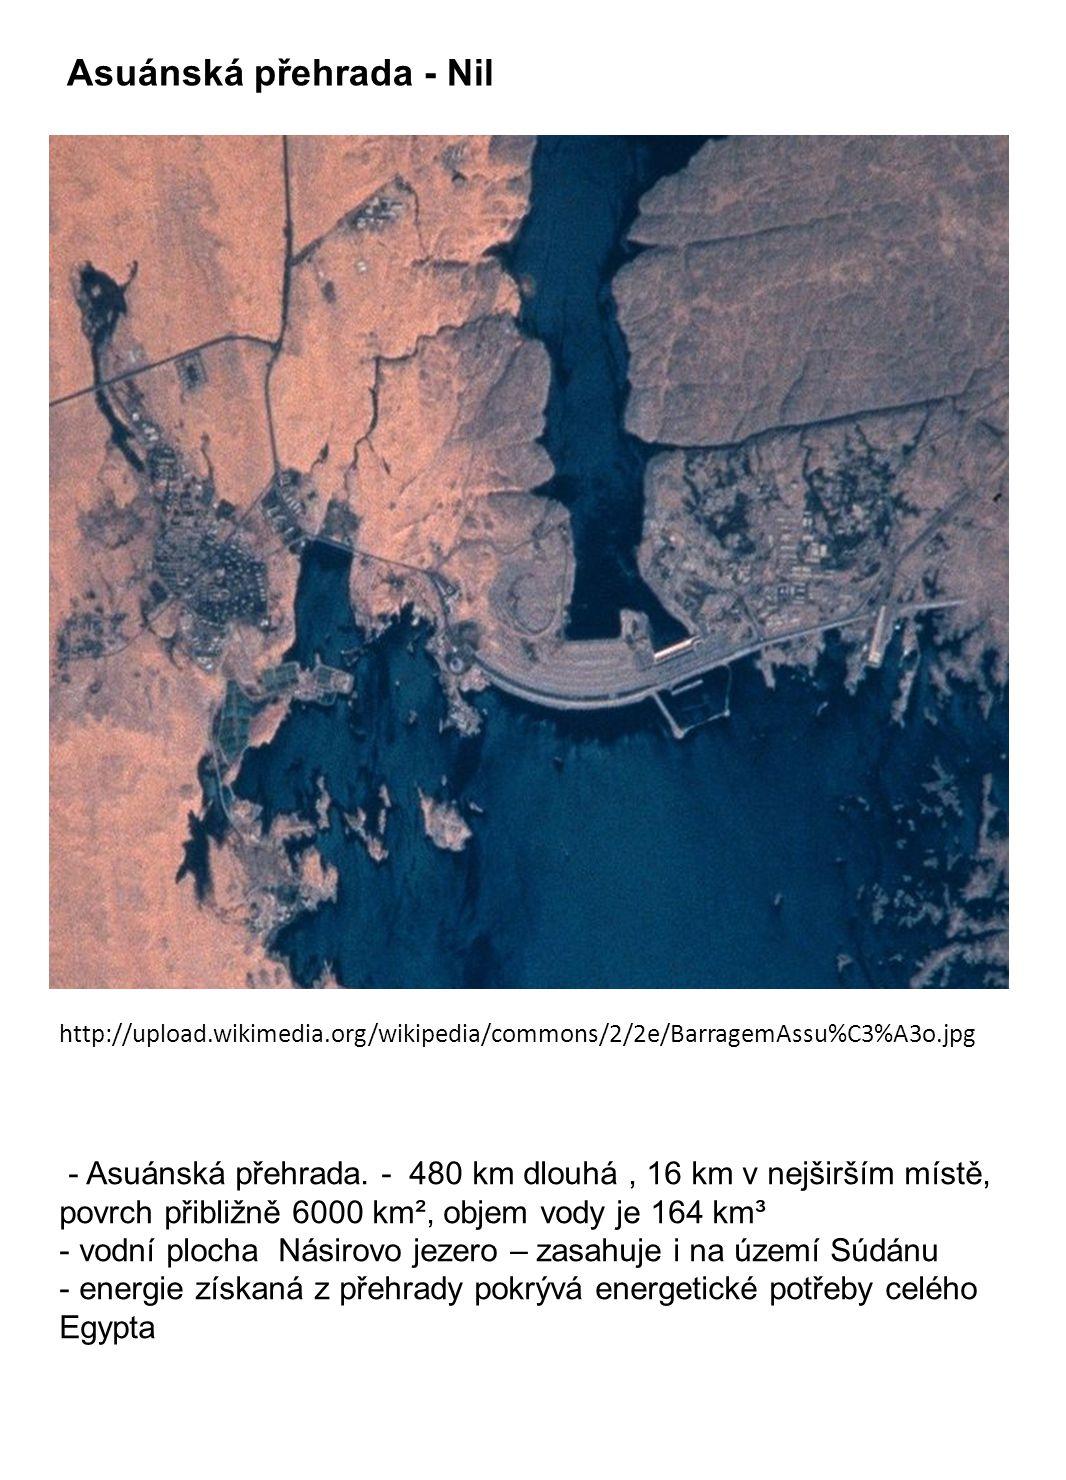 - Asuánská přehrada. - 480 km dlouhá, 16 km v nejširším místě, povrch přibližně 6000 km², objem vody je 164 km³ - vodní plocha Násirovo jezero – zasah